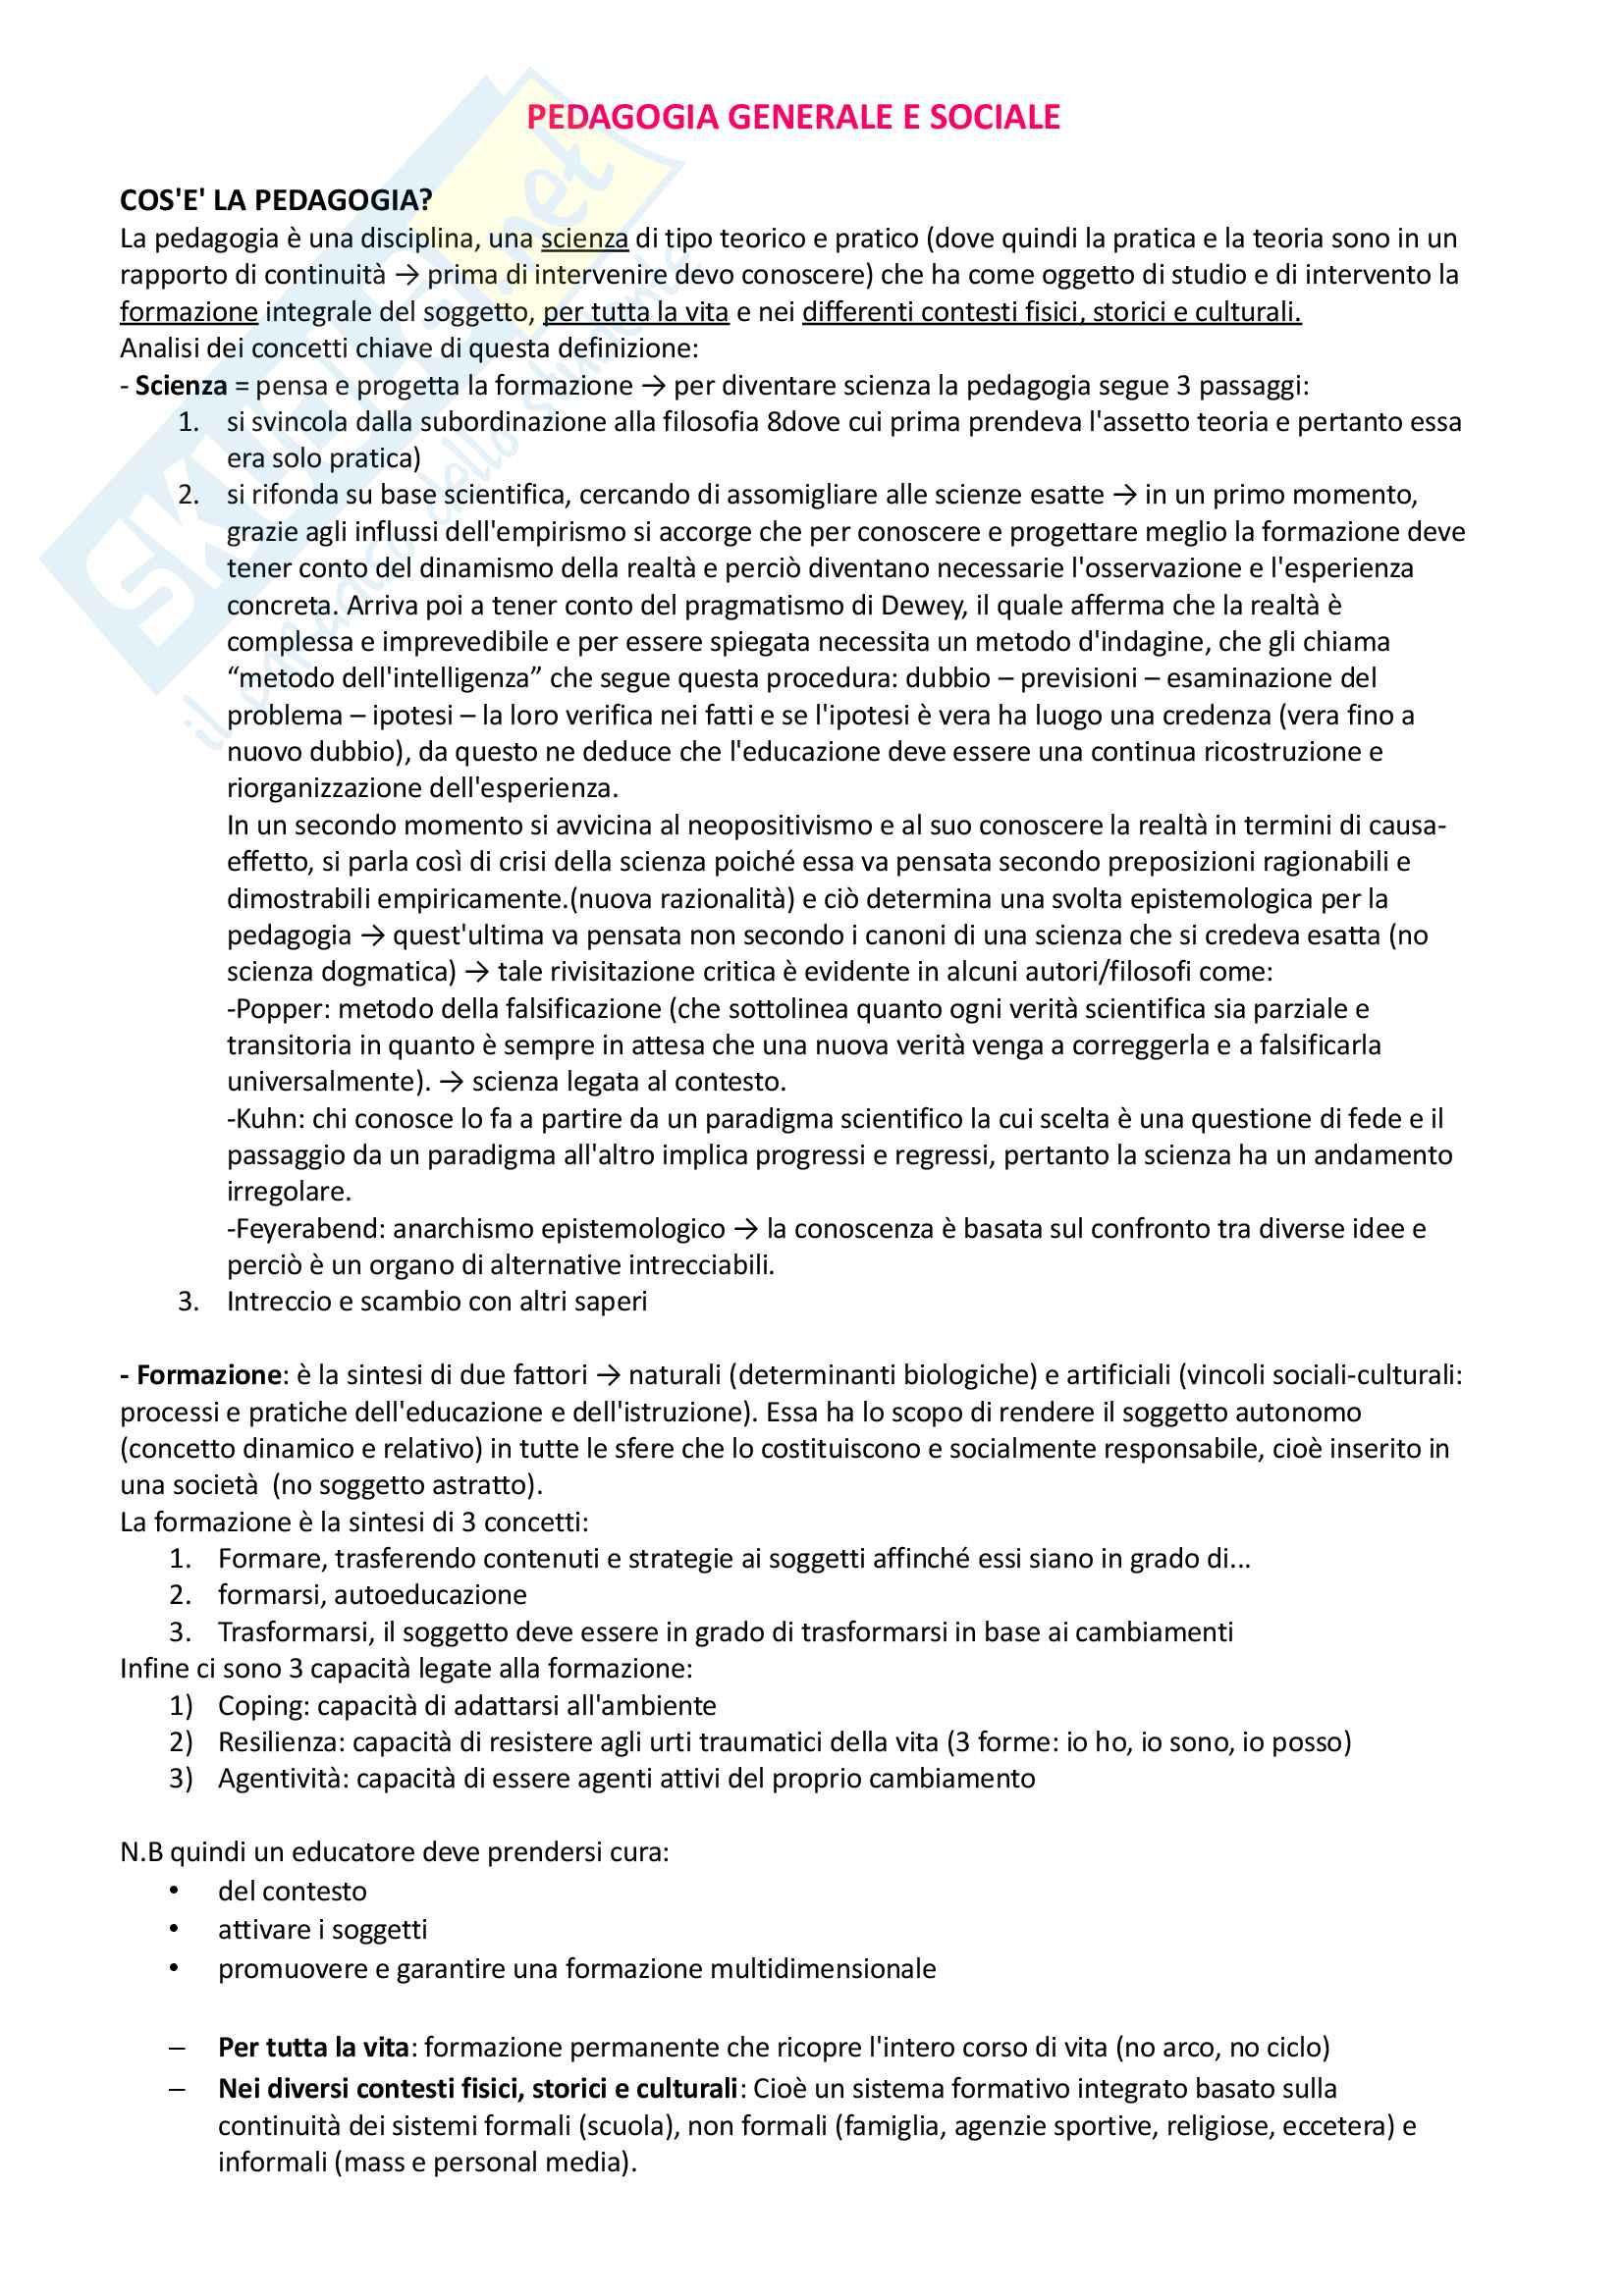 Pedagogia generale e sociale: riassunto di tutto il materiale che serve all'esame